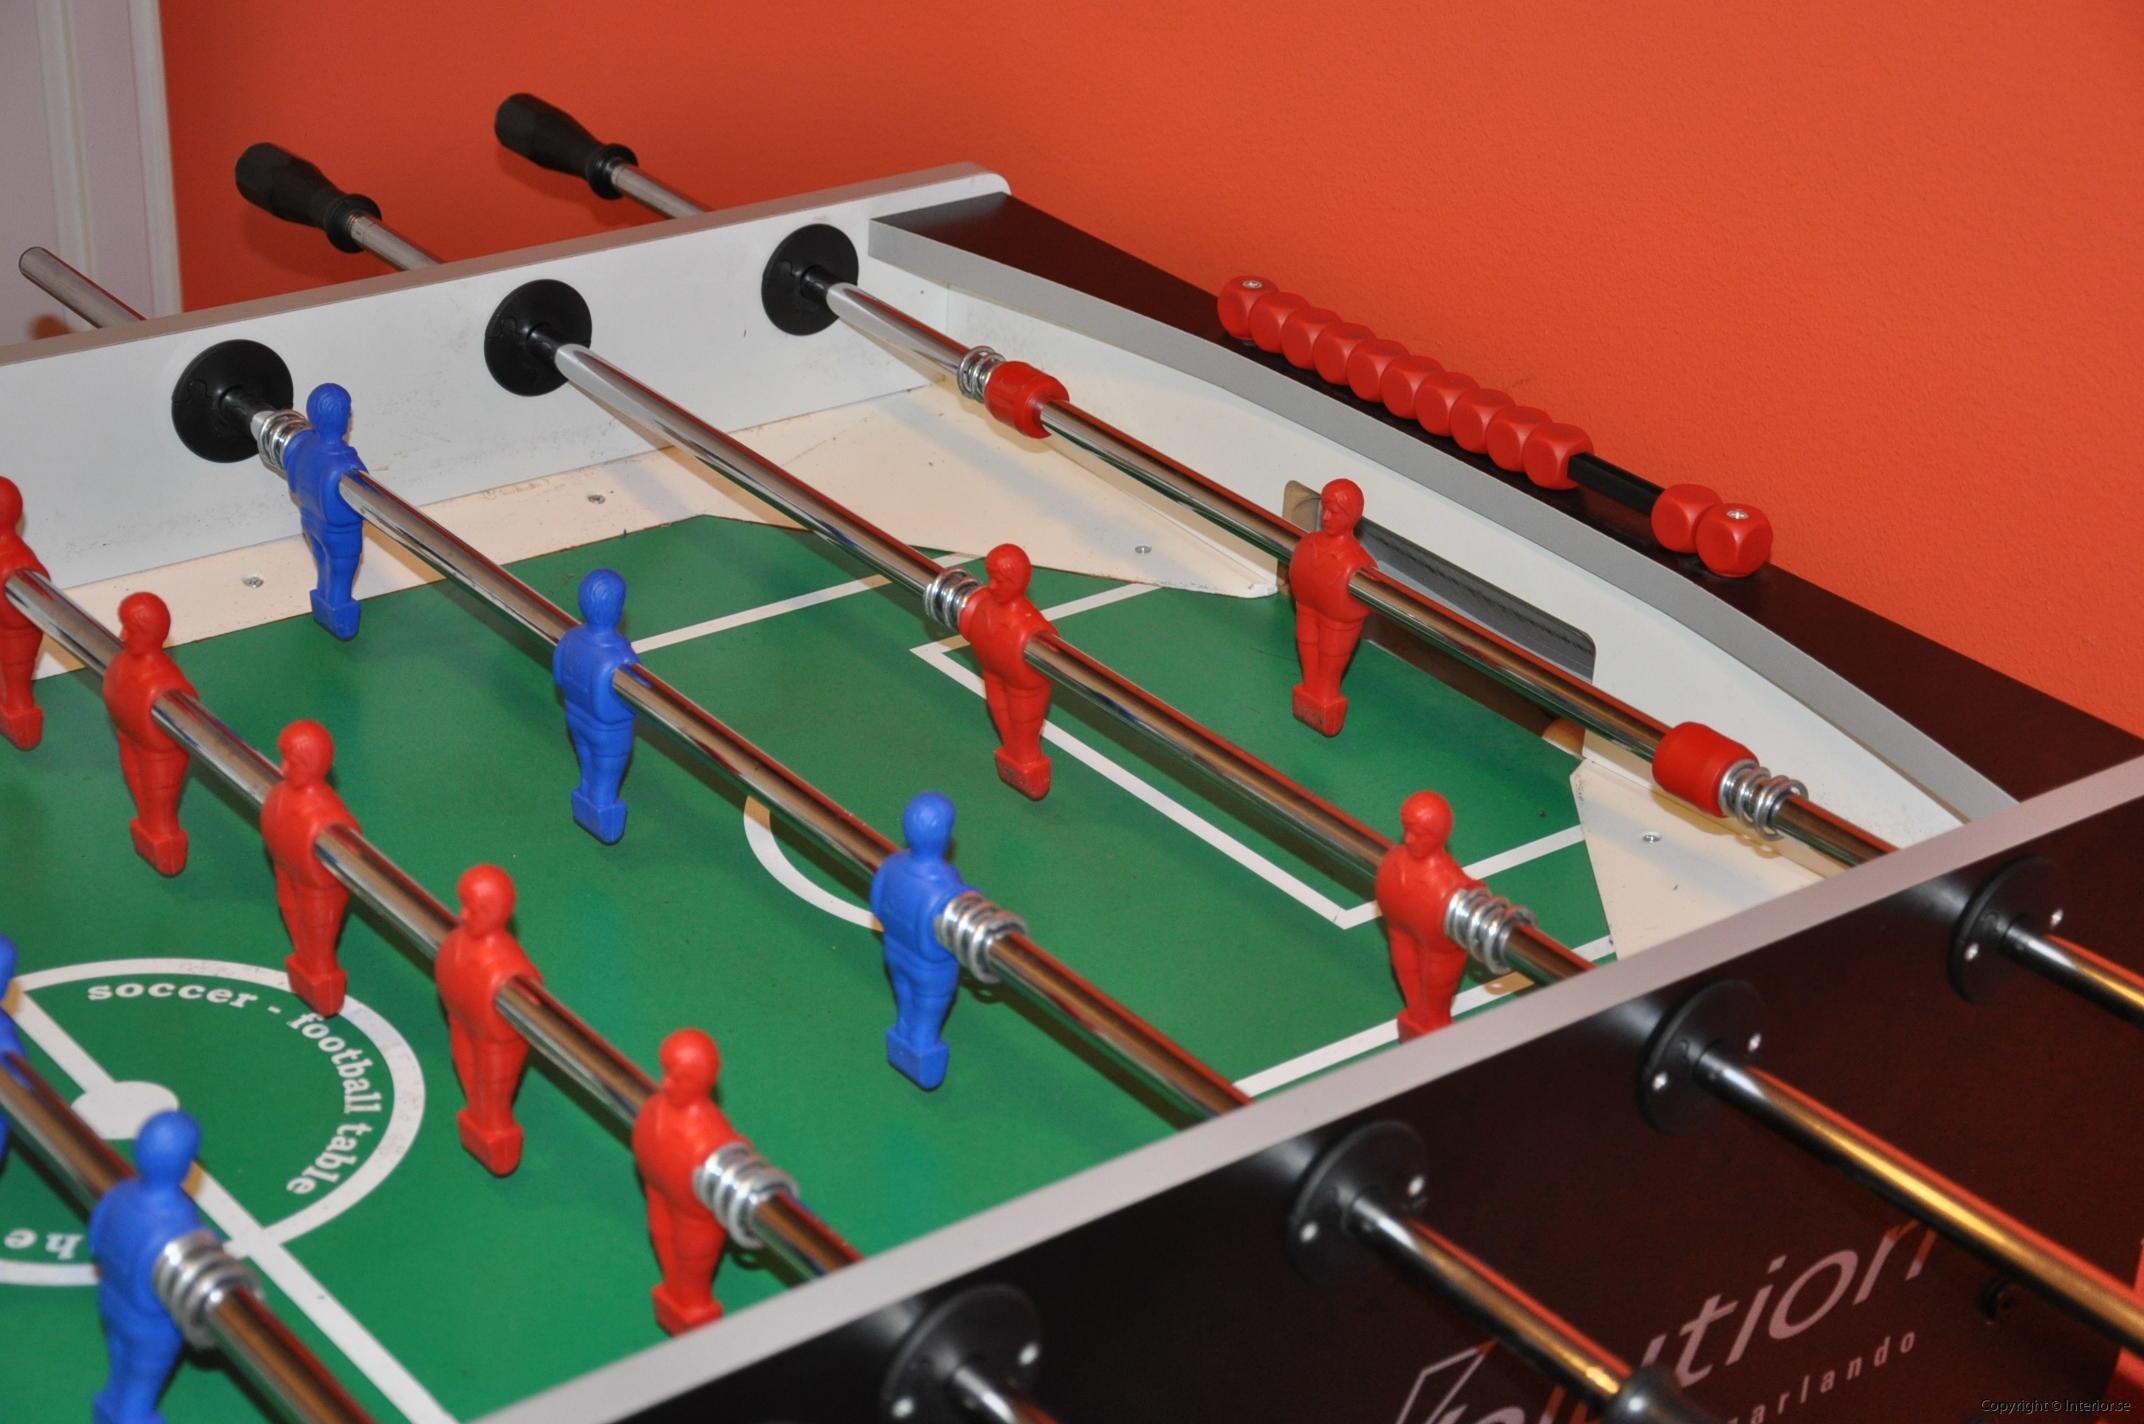 Hyra fotbollsspel fussbollspel hyr (2)